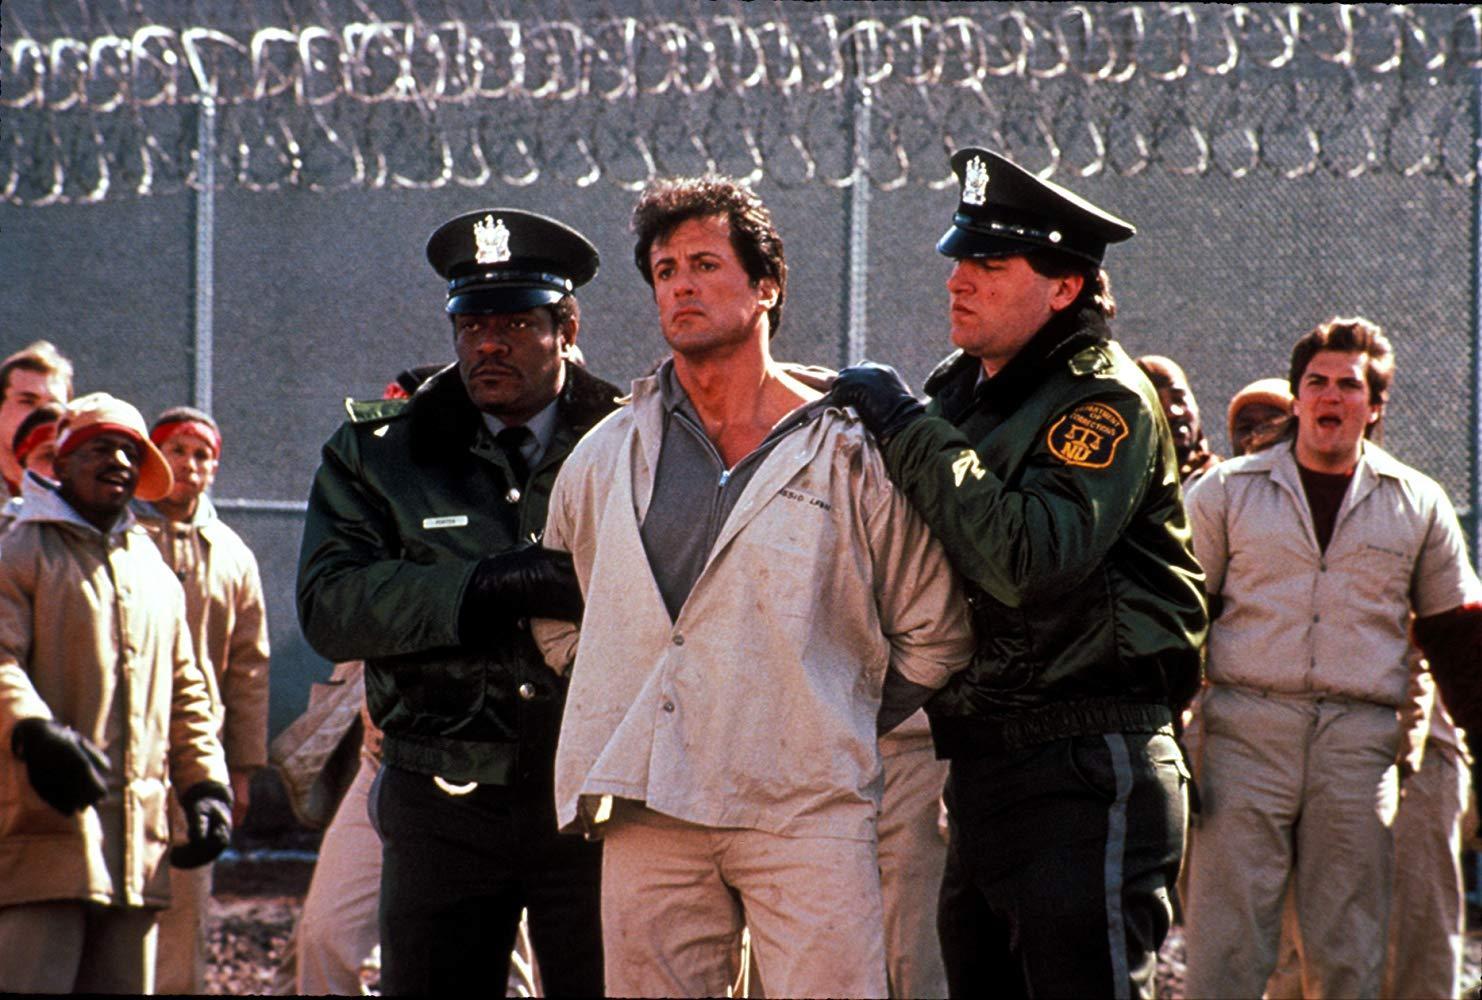 مشاهدة فيلم Lock Up 1989 HD مترجم كامل اون لاين